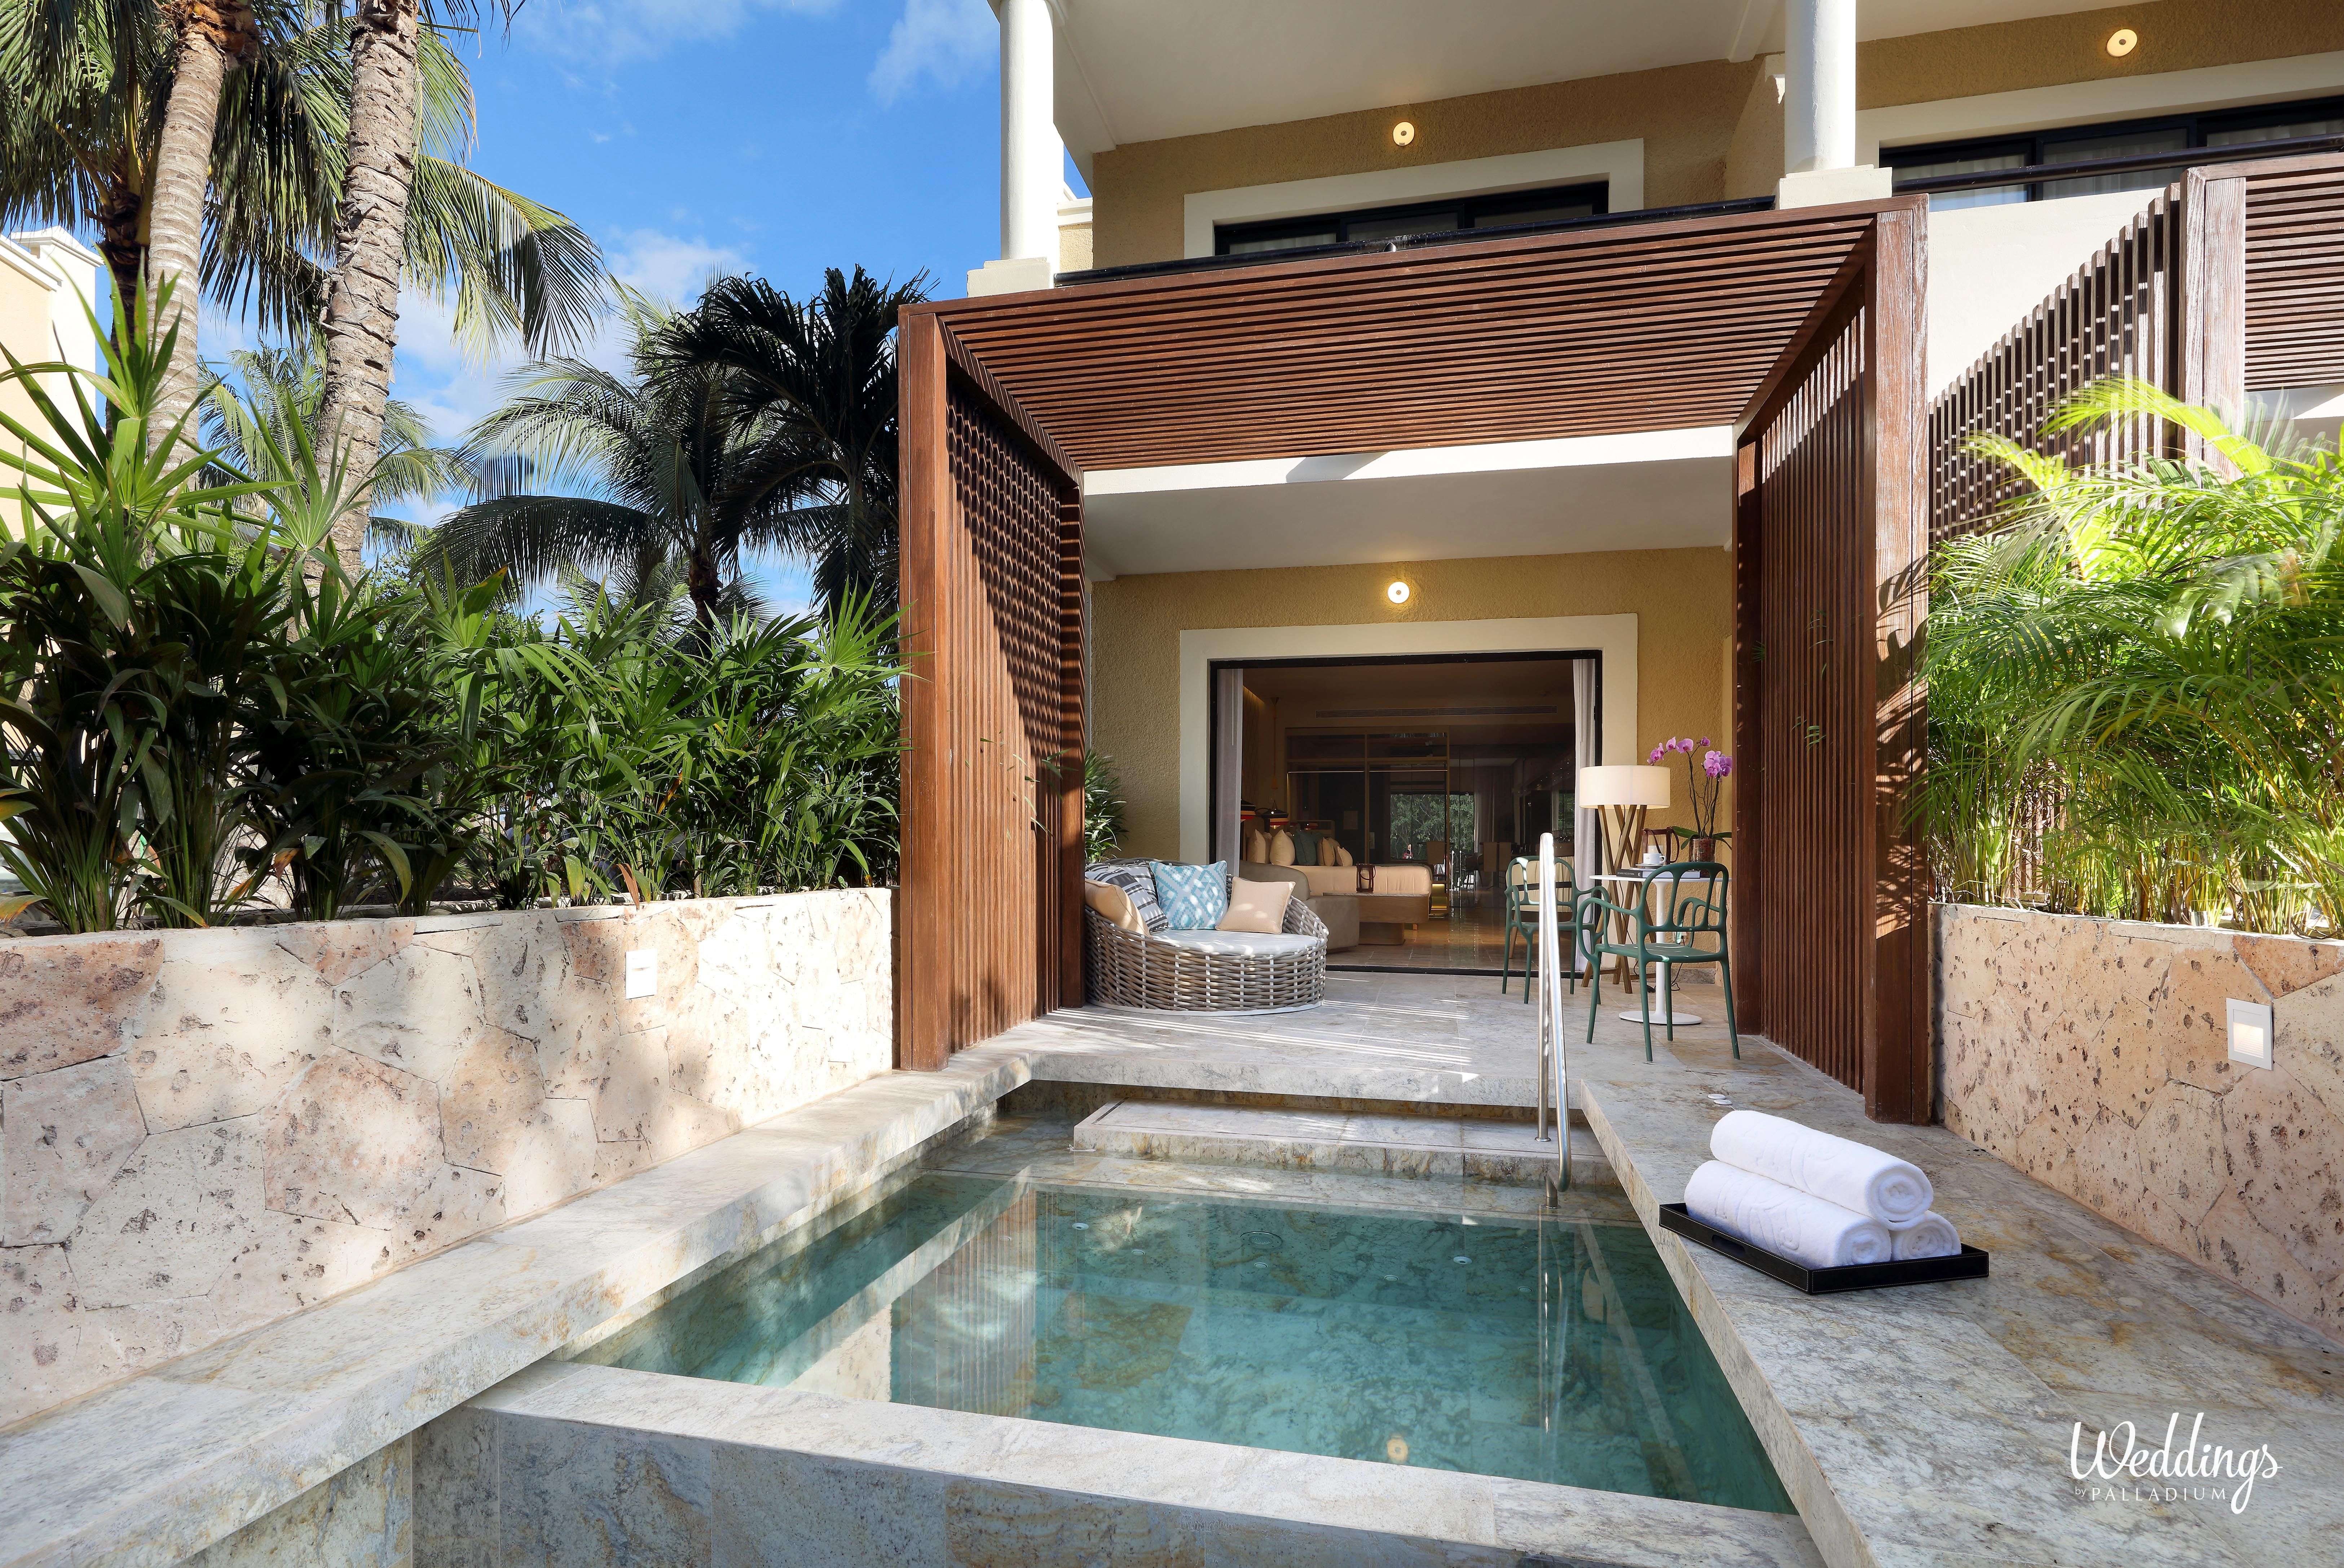 Junior Suite Private Pool In Trs Yucatan Hotel Riviera Maya Mexico Riviera Maya Vacation Deals All Inclusive Vacation Deals